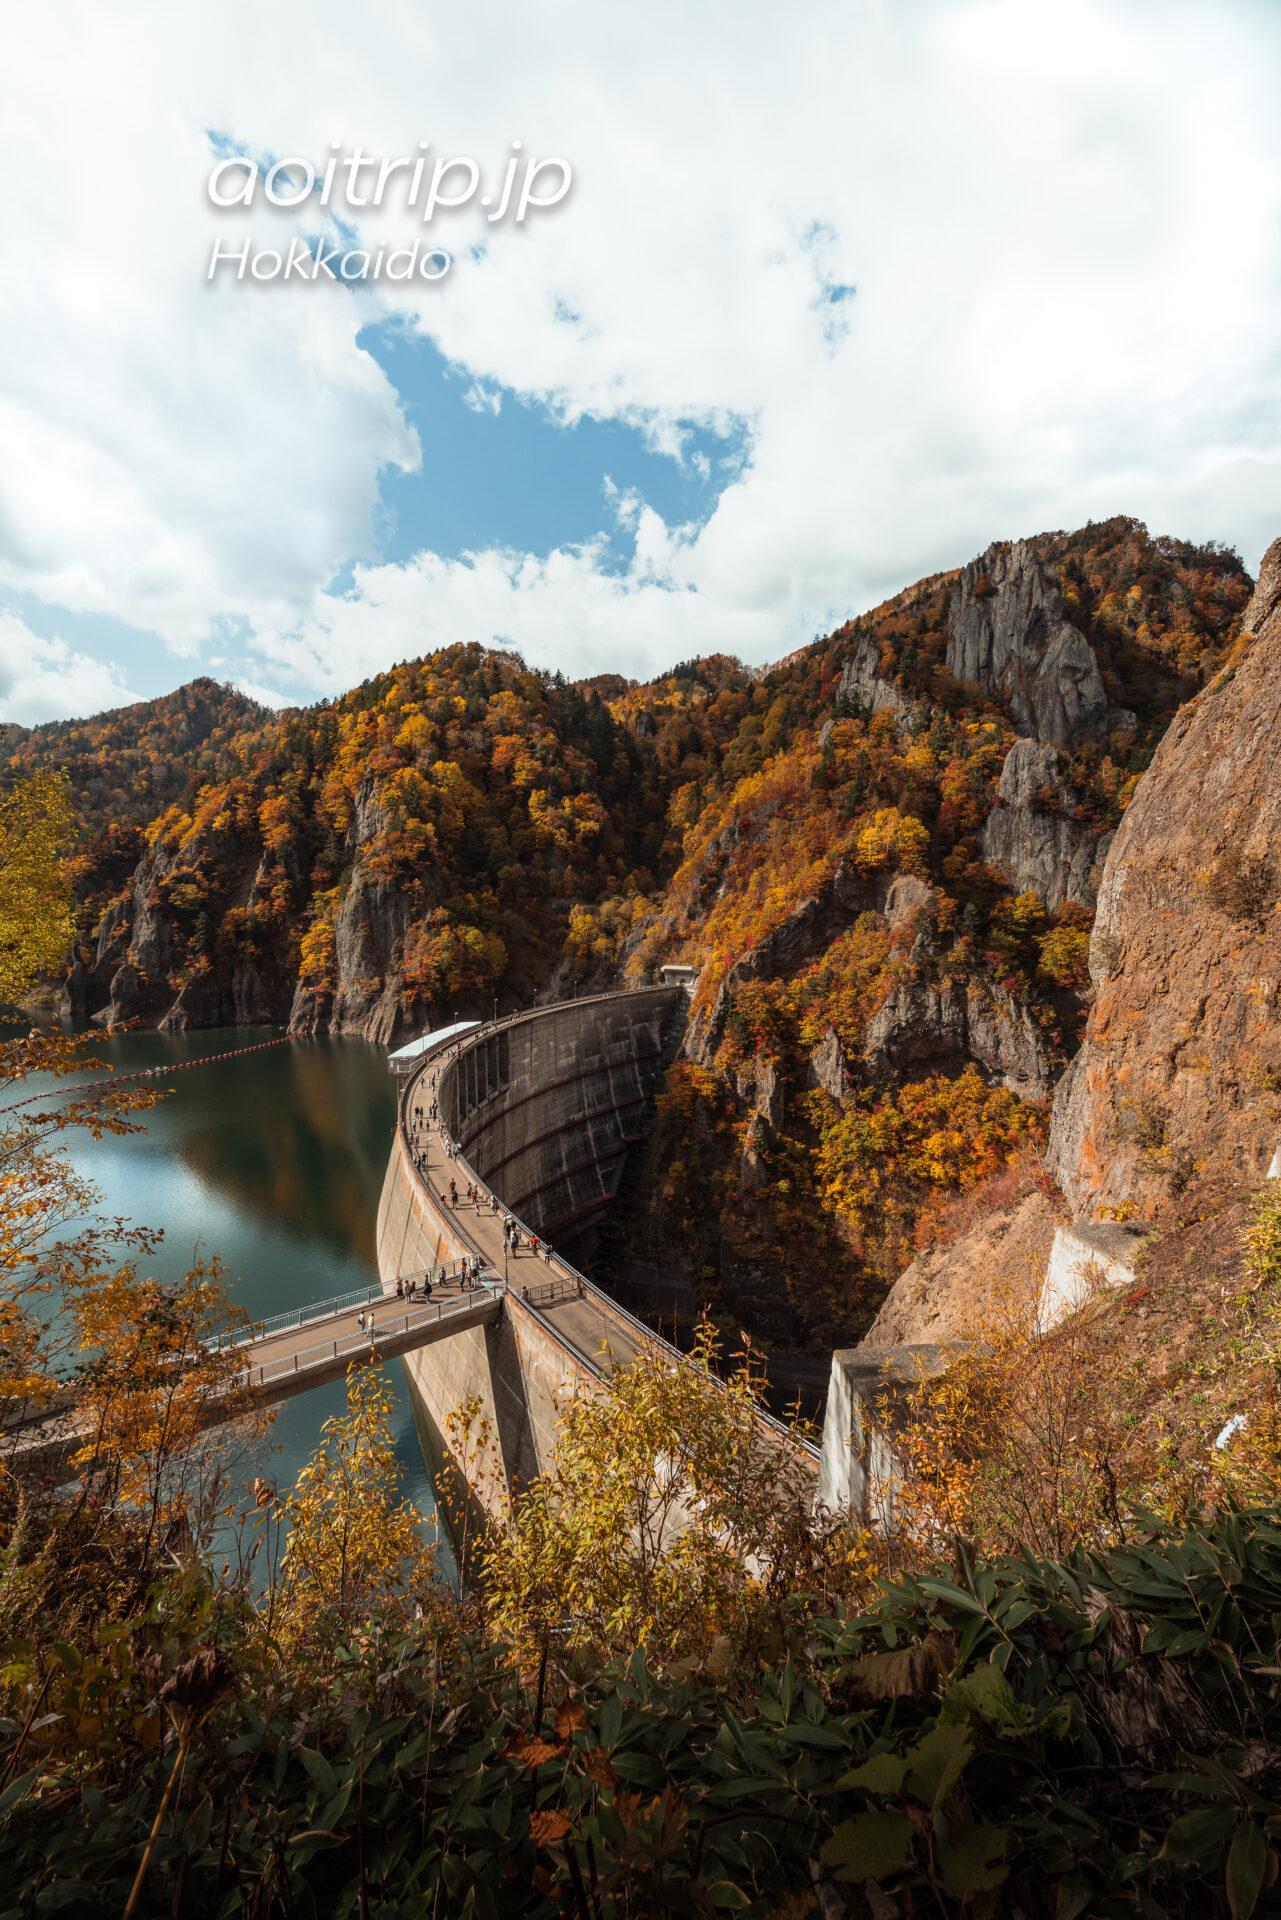 大自然の造形美と人間の技術・執念が画角の中に一同に介する、札幌市の豊平峡ダム。